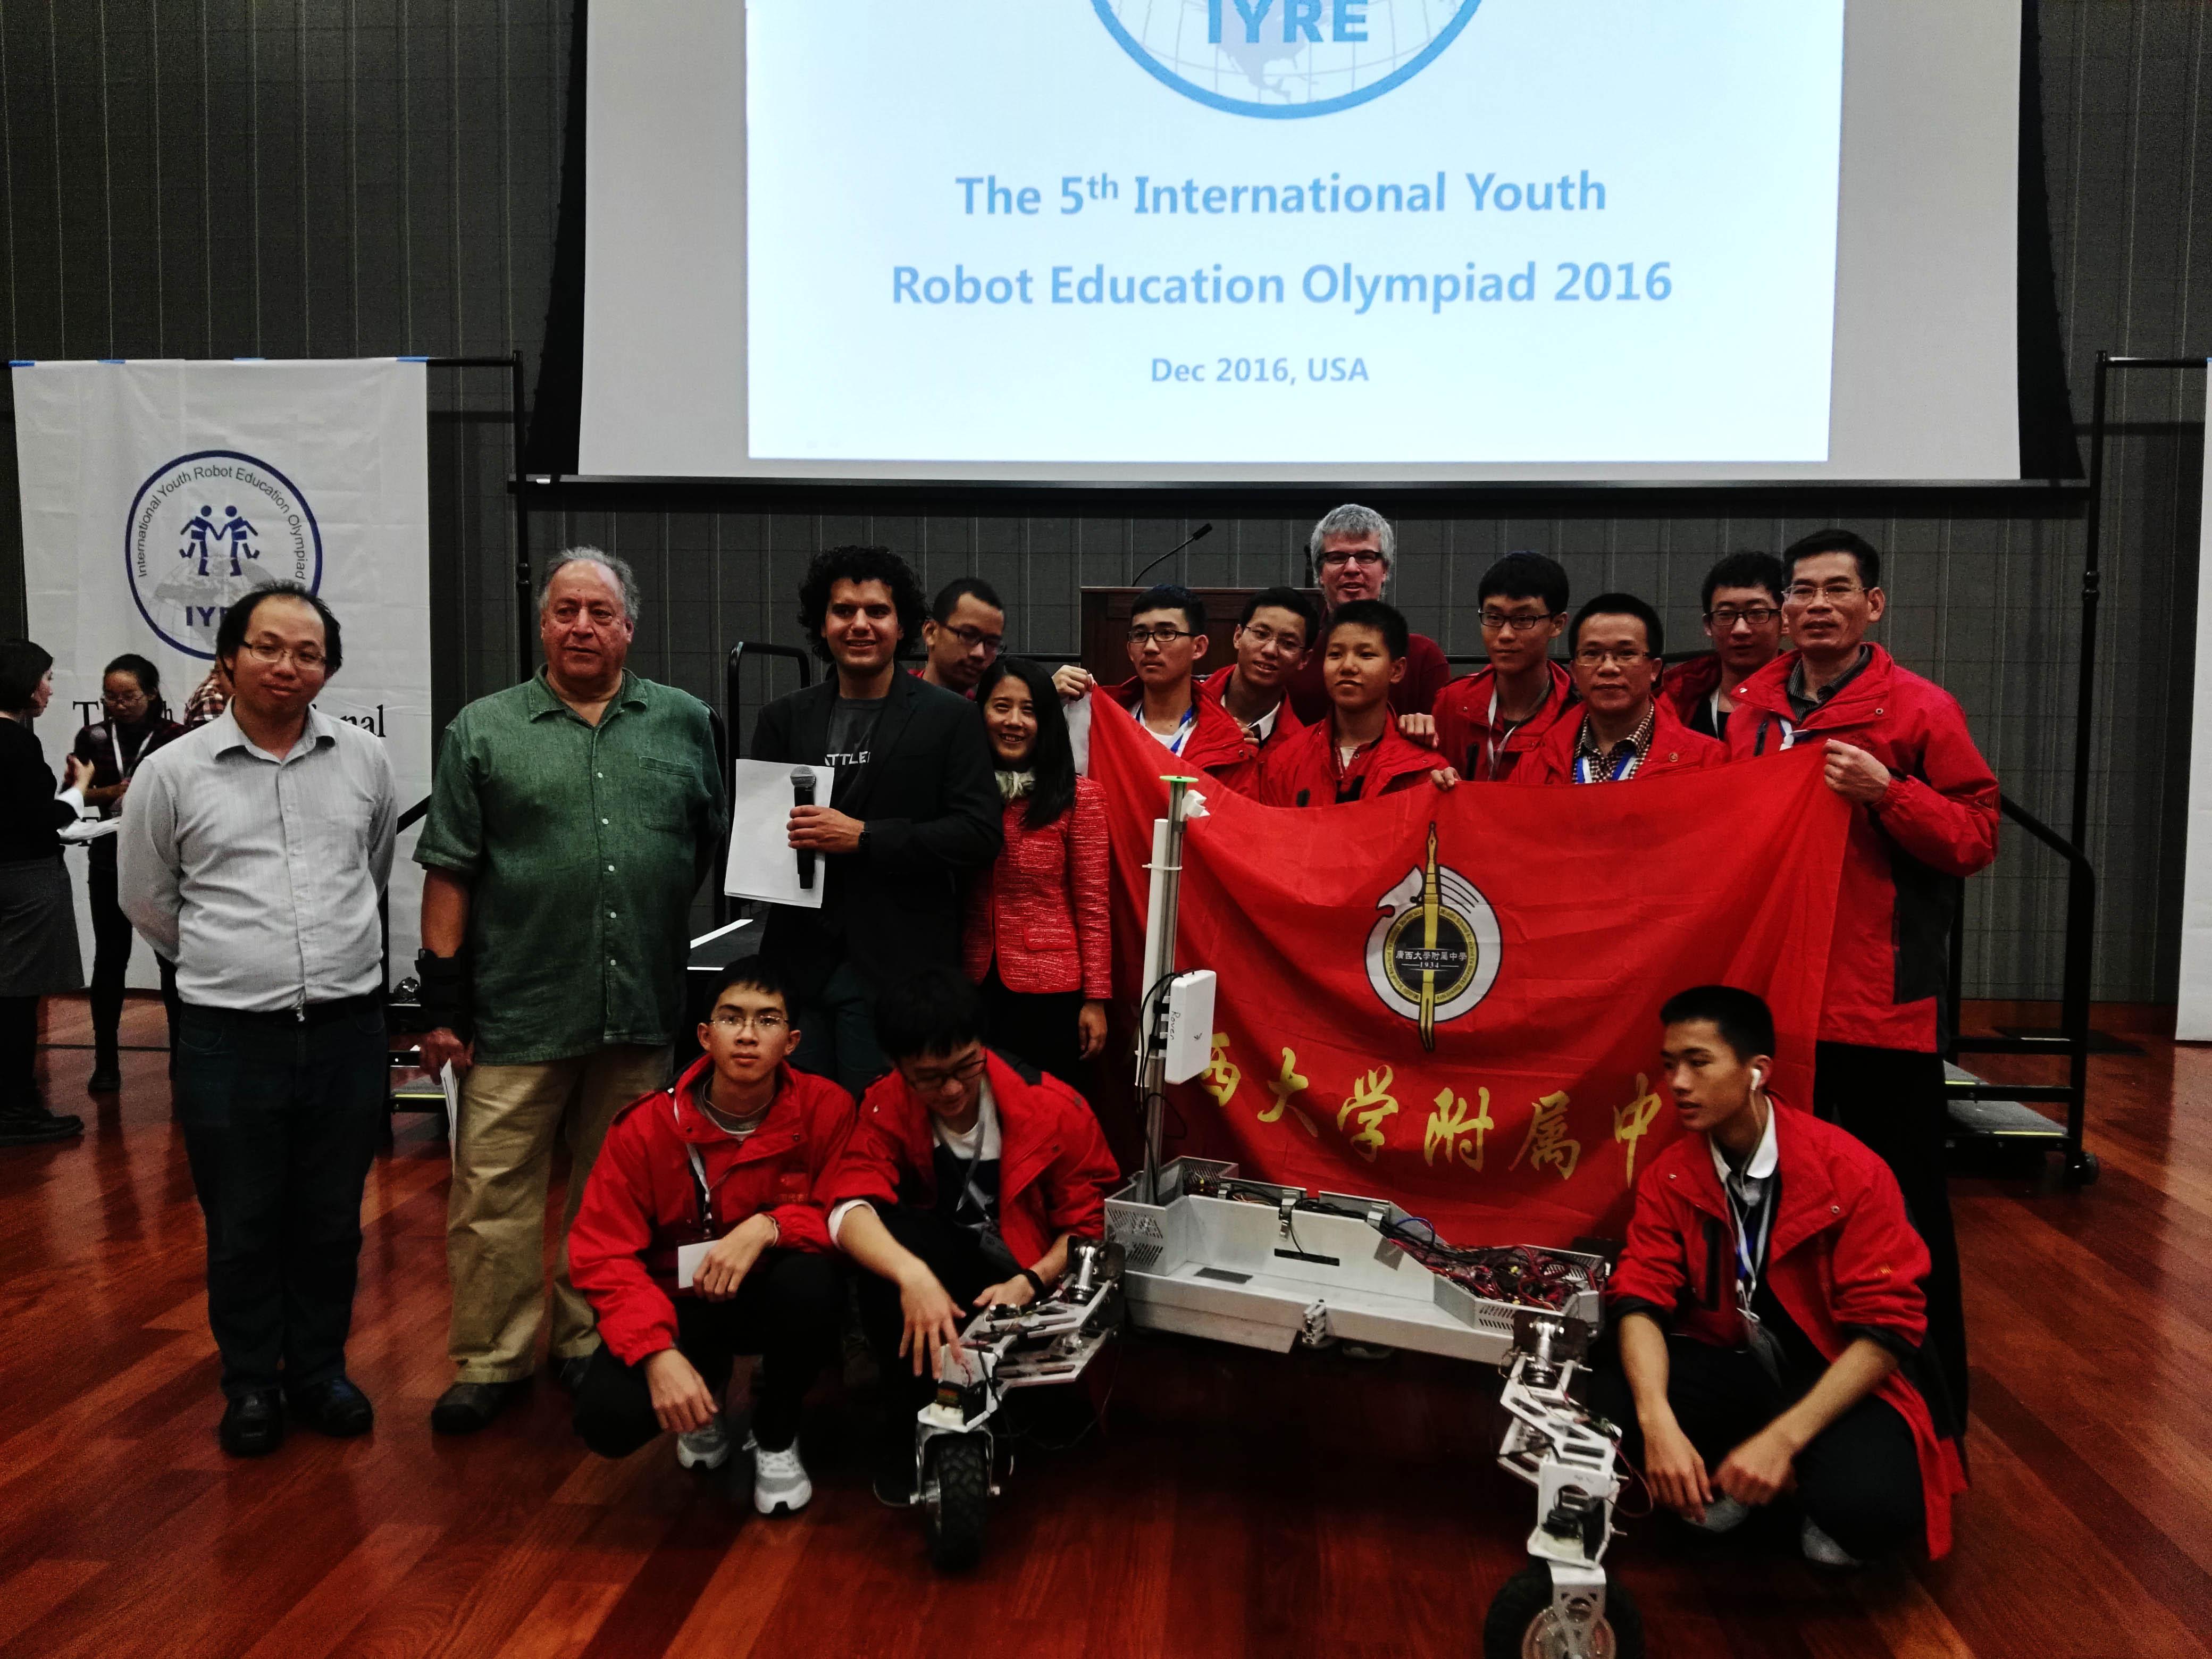 1-机器人代表队赴美国参赛喜获1金1银1铜